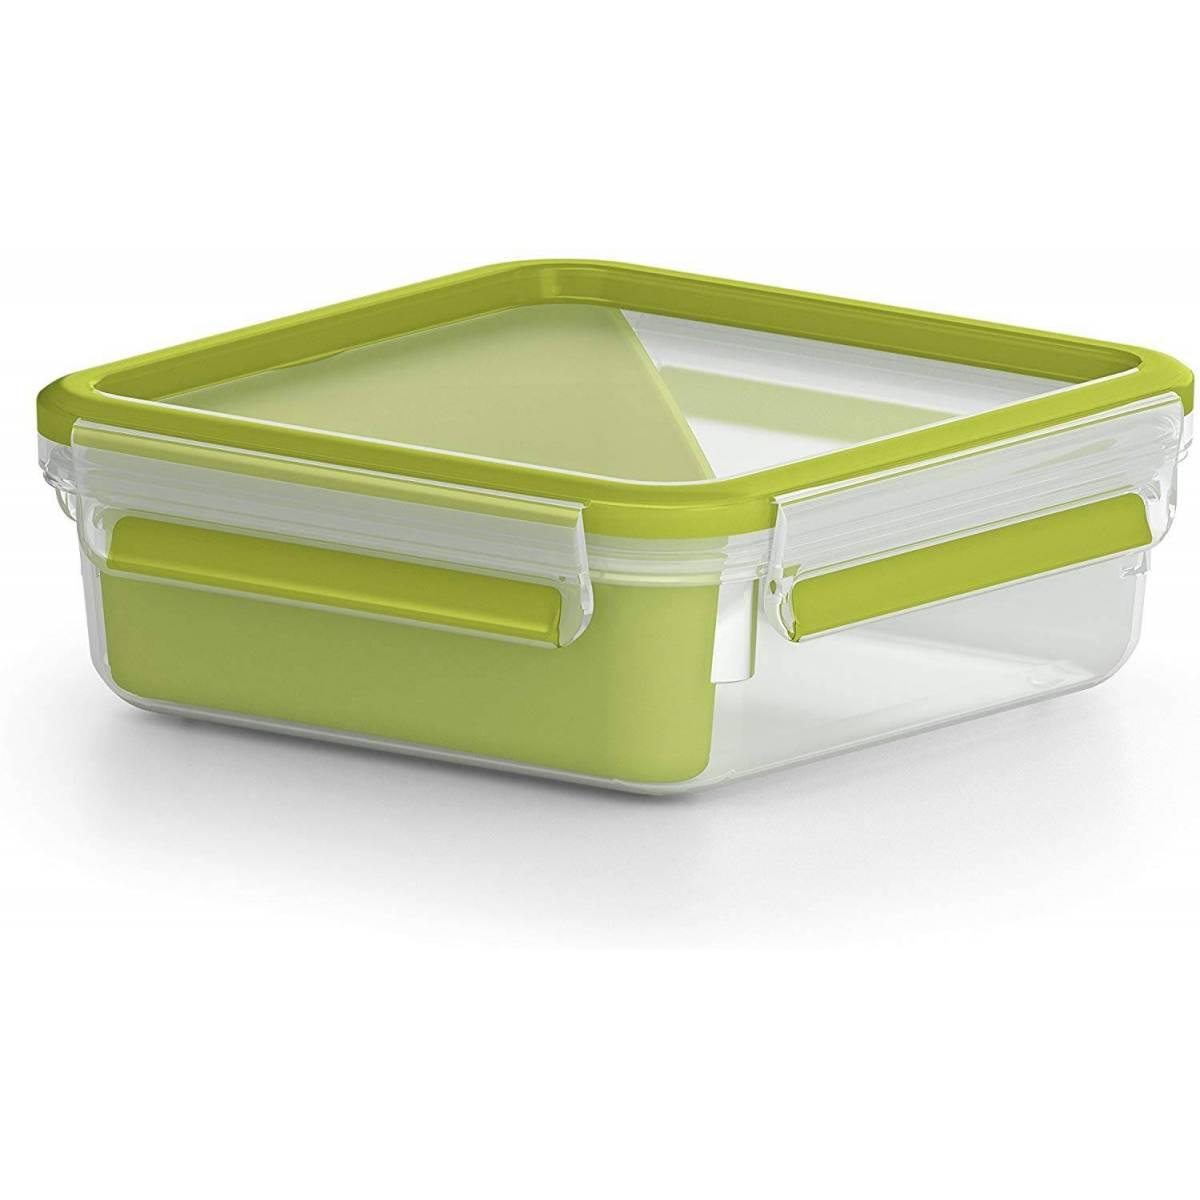 Boîte a Sandwich Tefal à Compartiments 0.85 L Vert